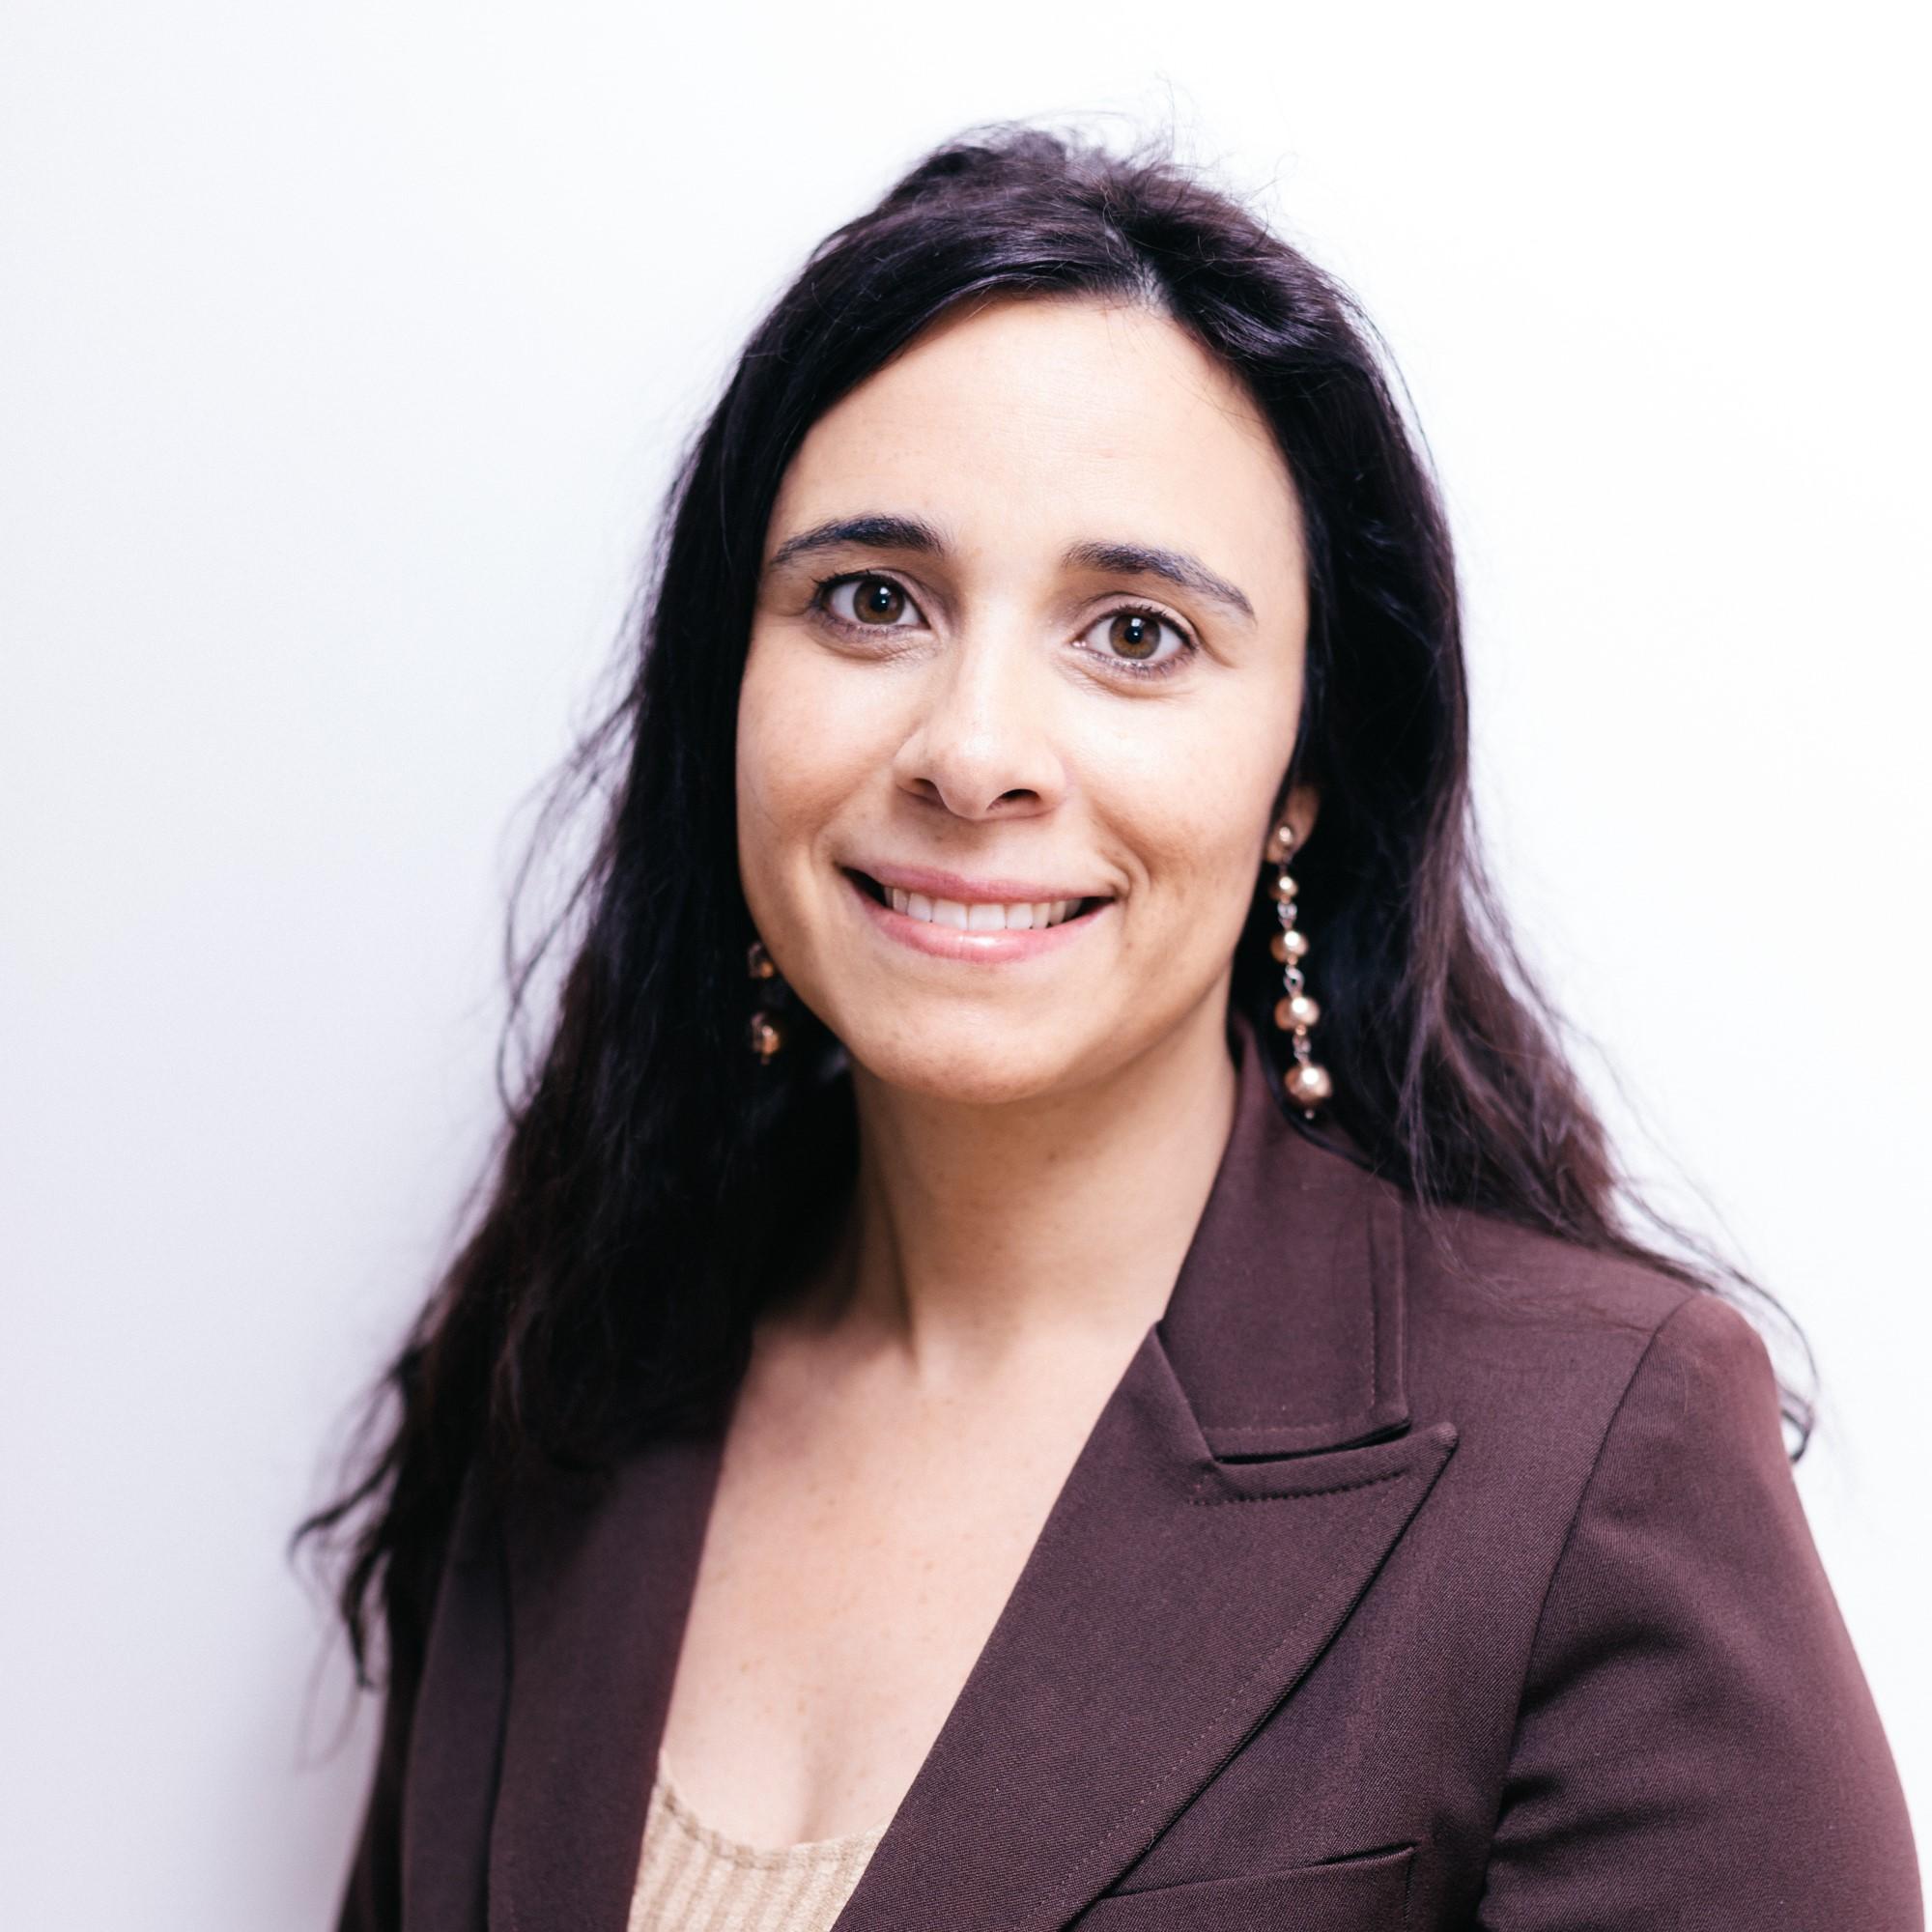 Rosario Ladeira | Responsavel de Unidade de Aveiro e Santa Mª da Feira